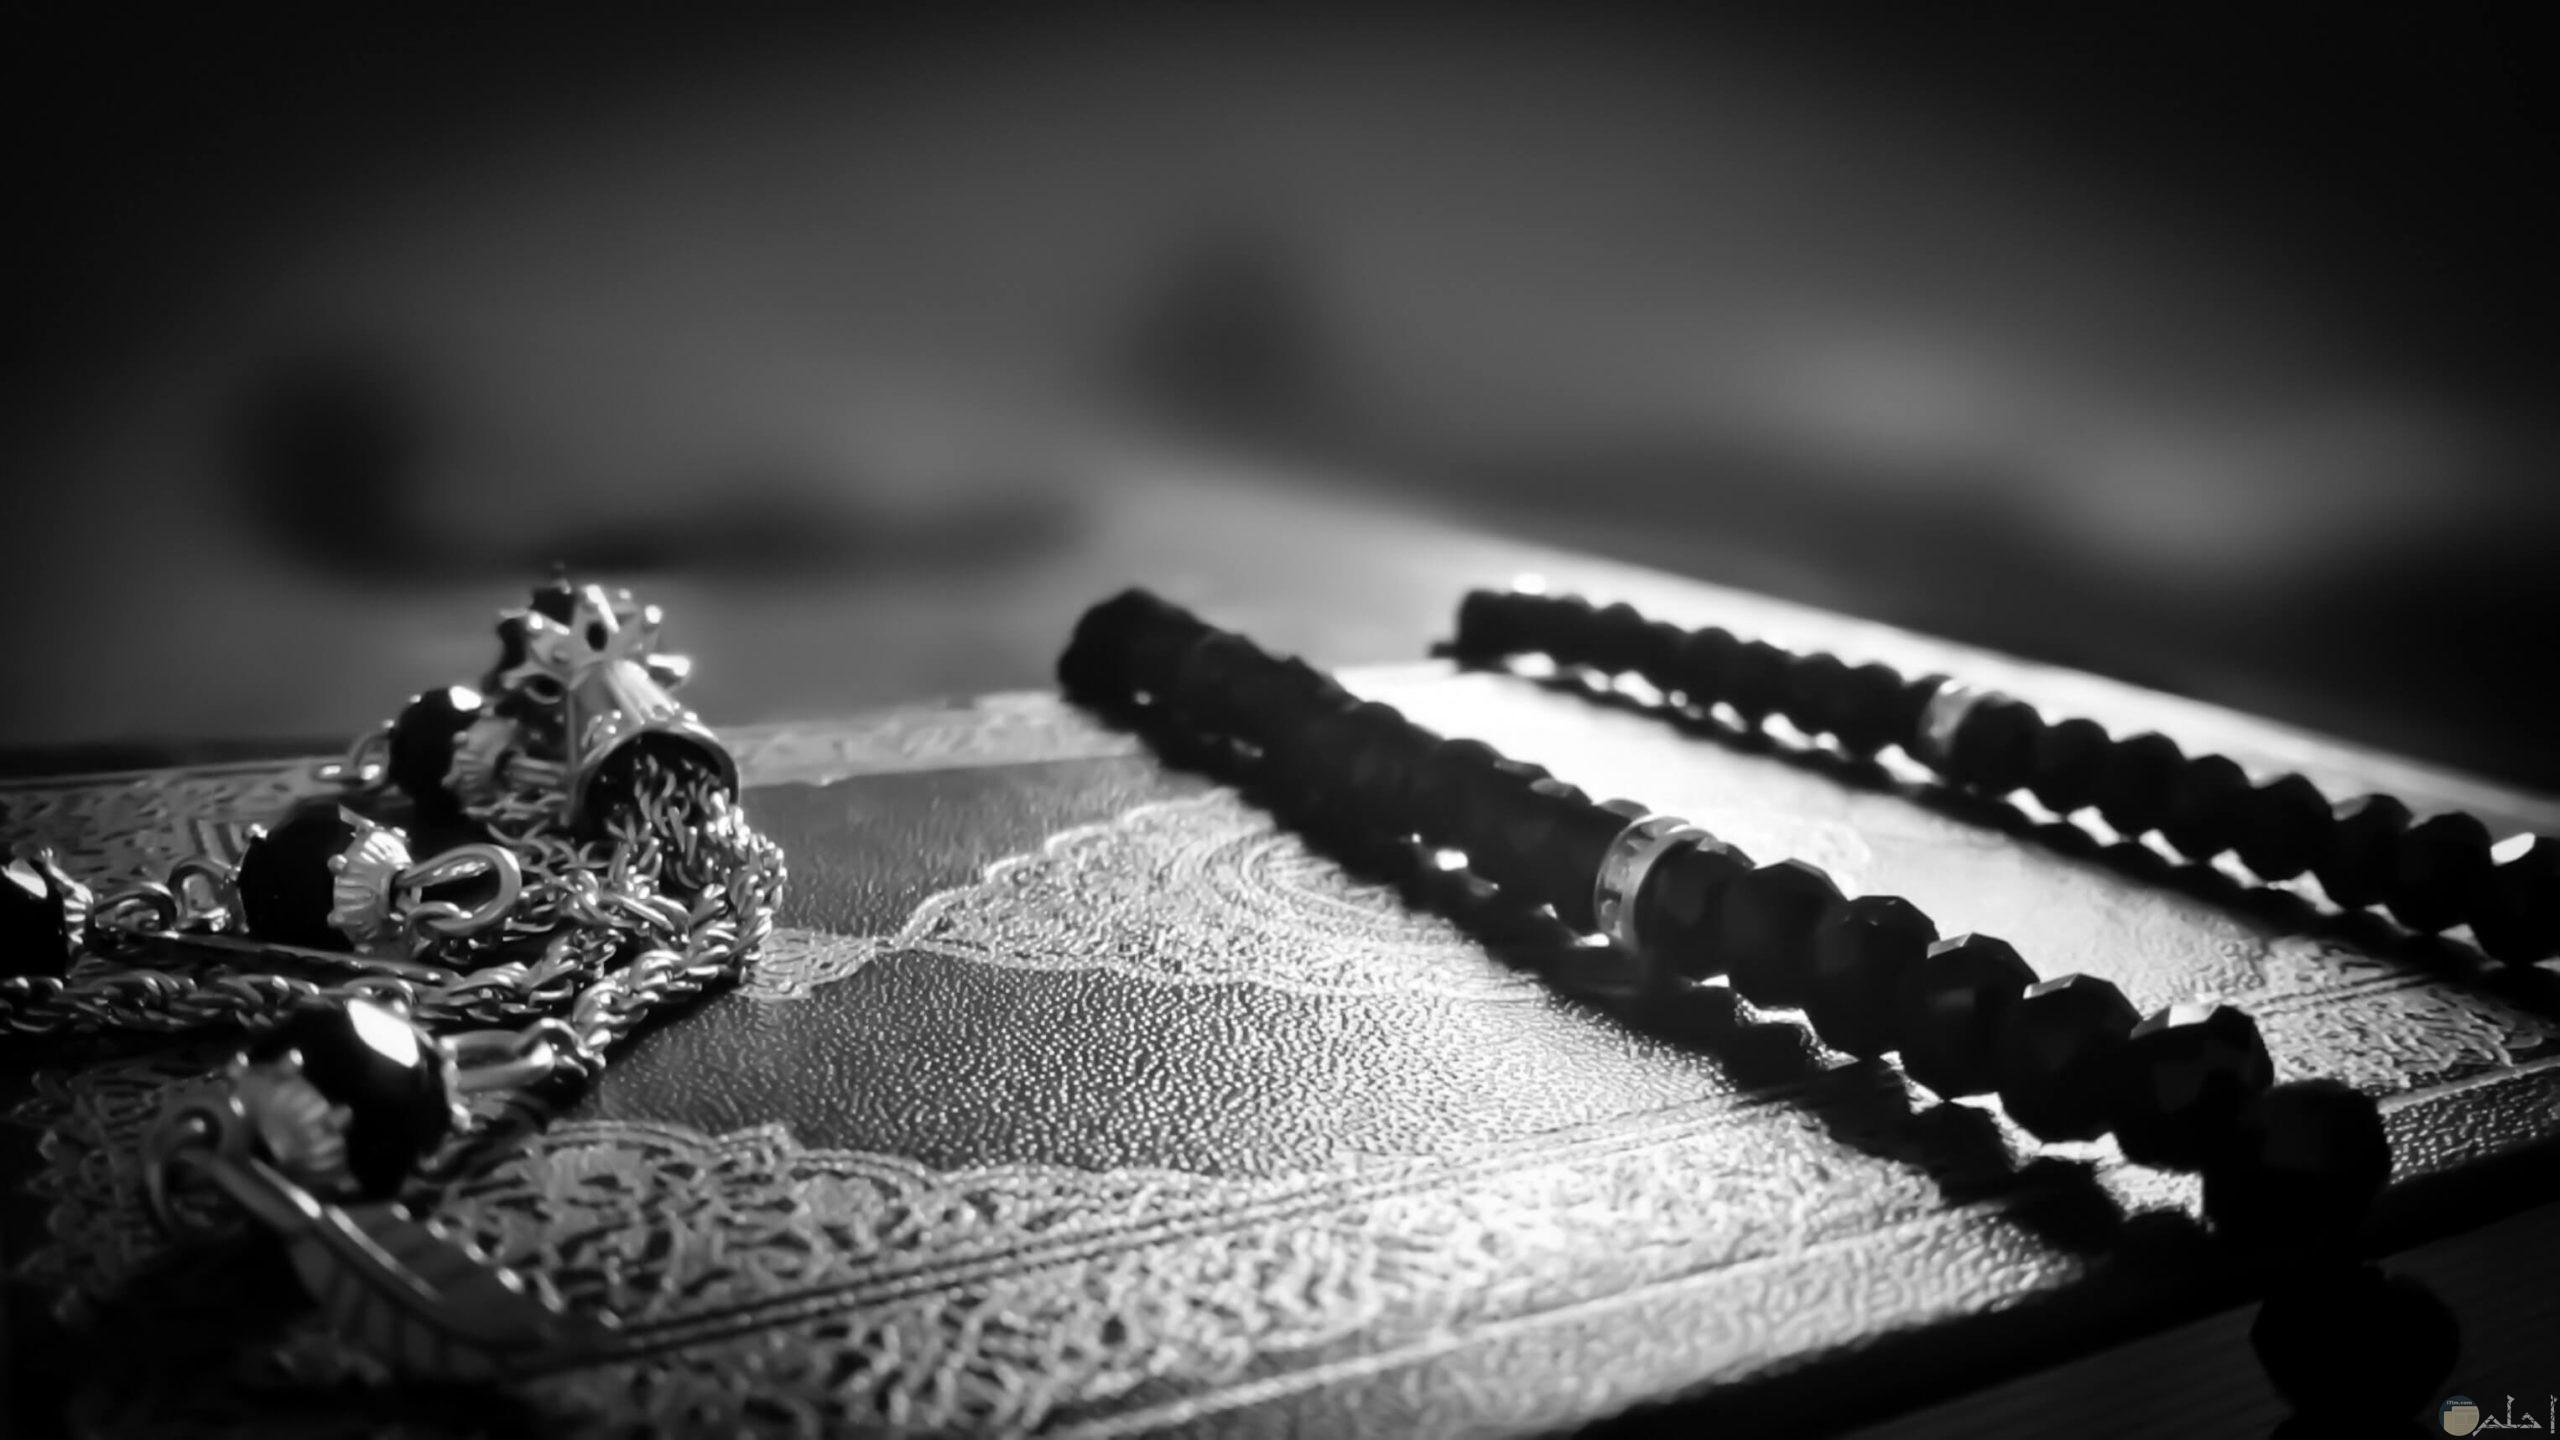 خلفية ابيض و اسود اسلامية للمصحف و السبحة.